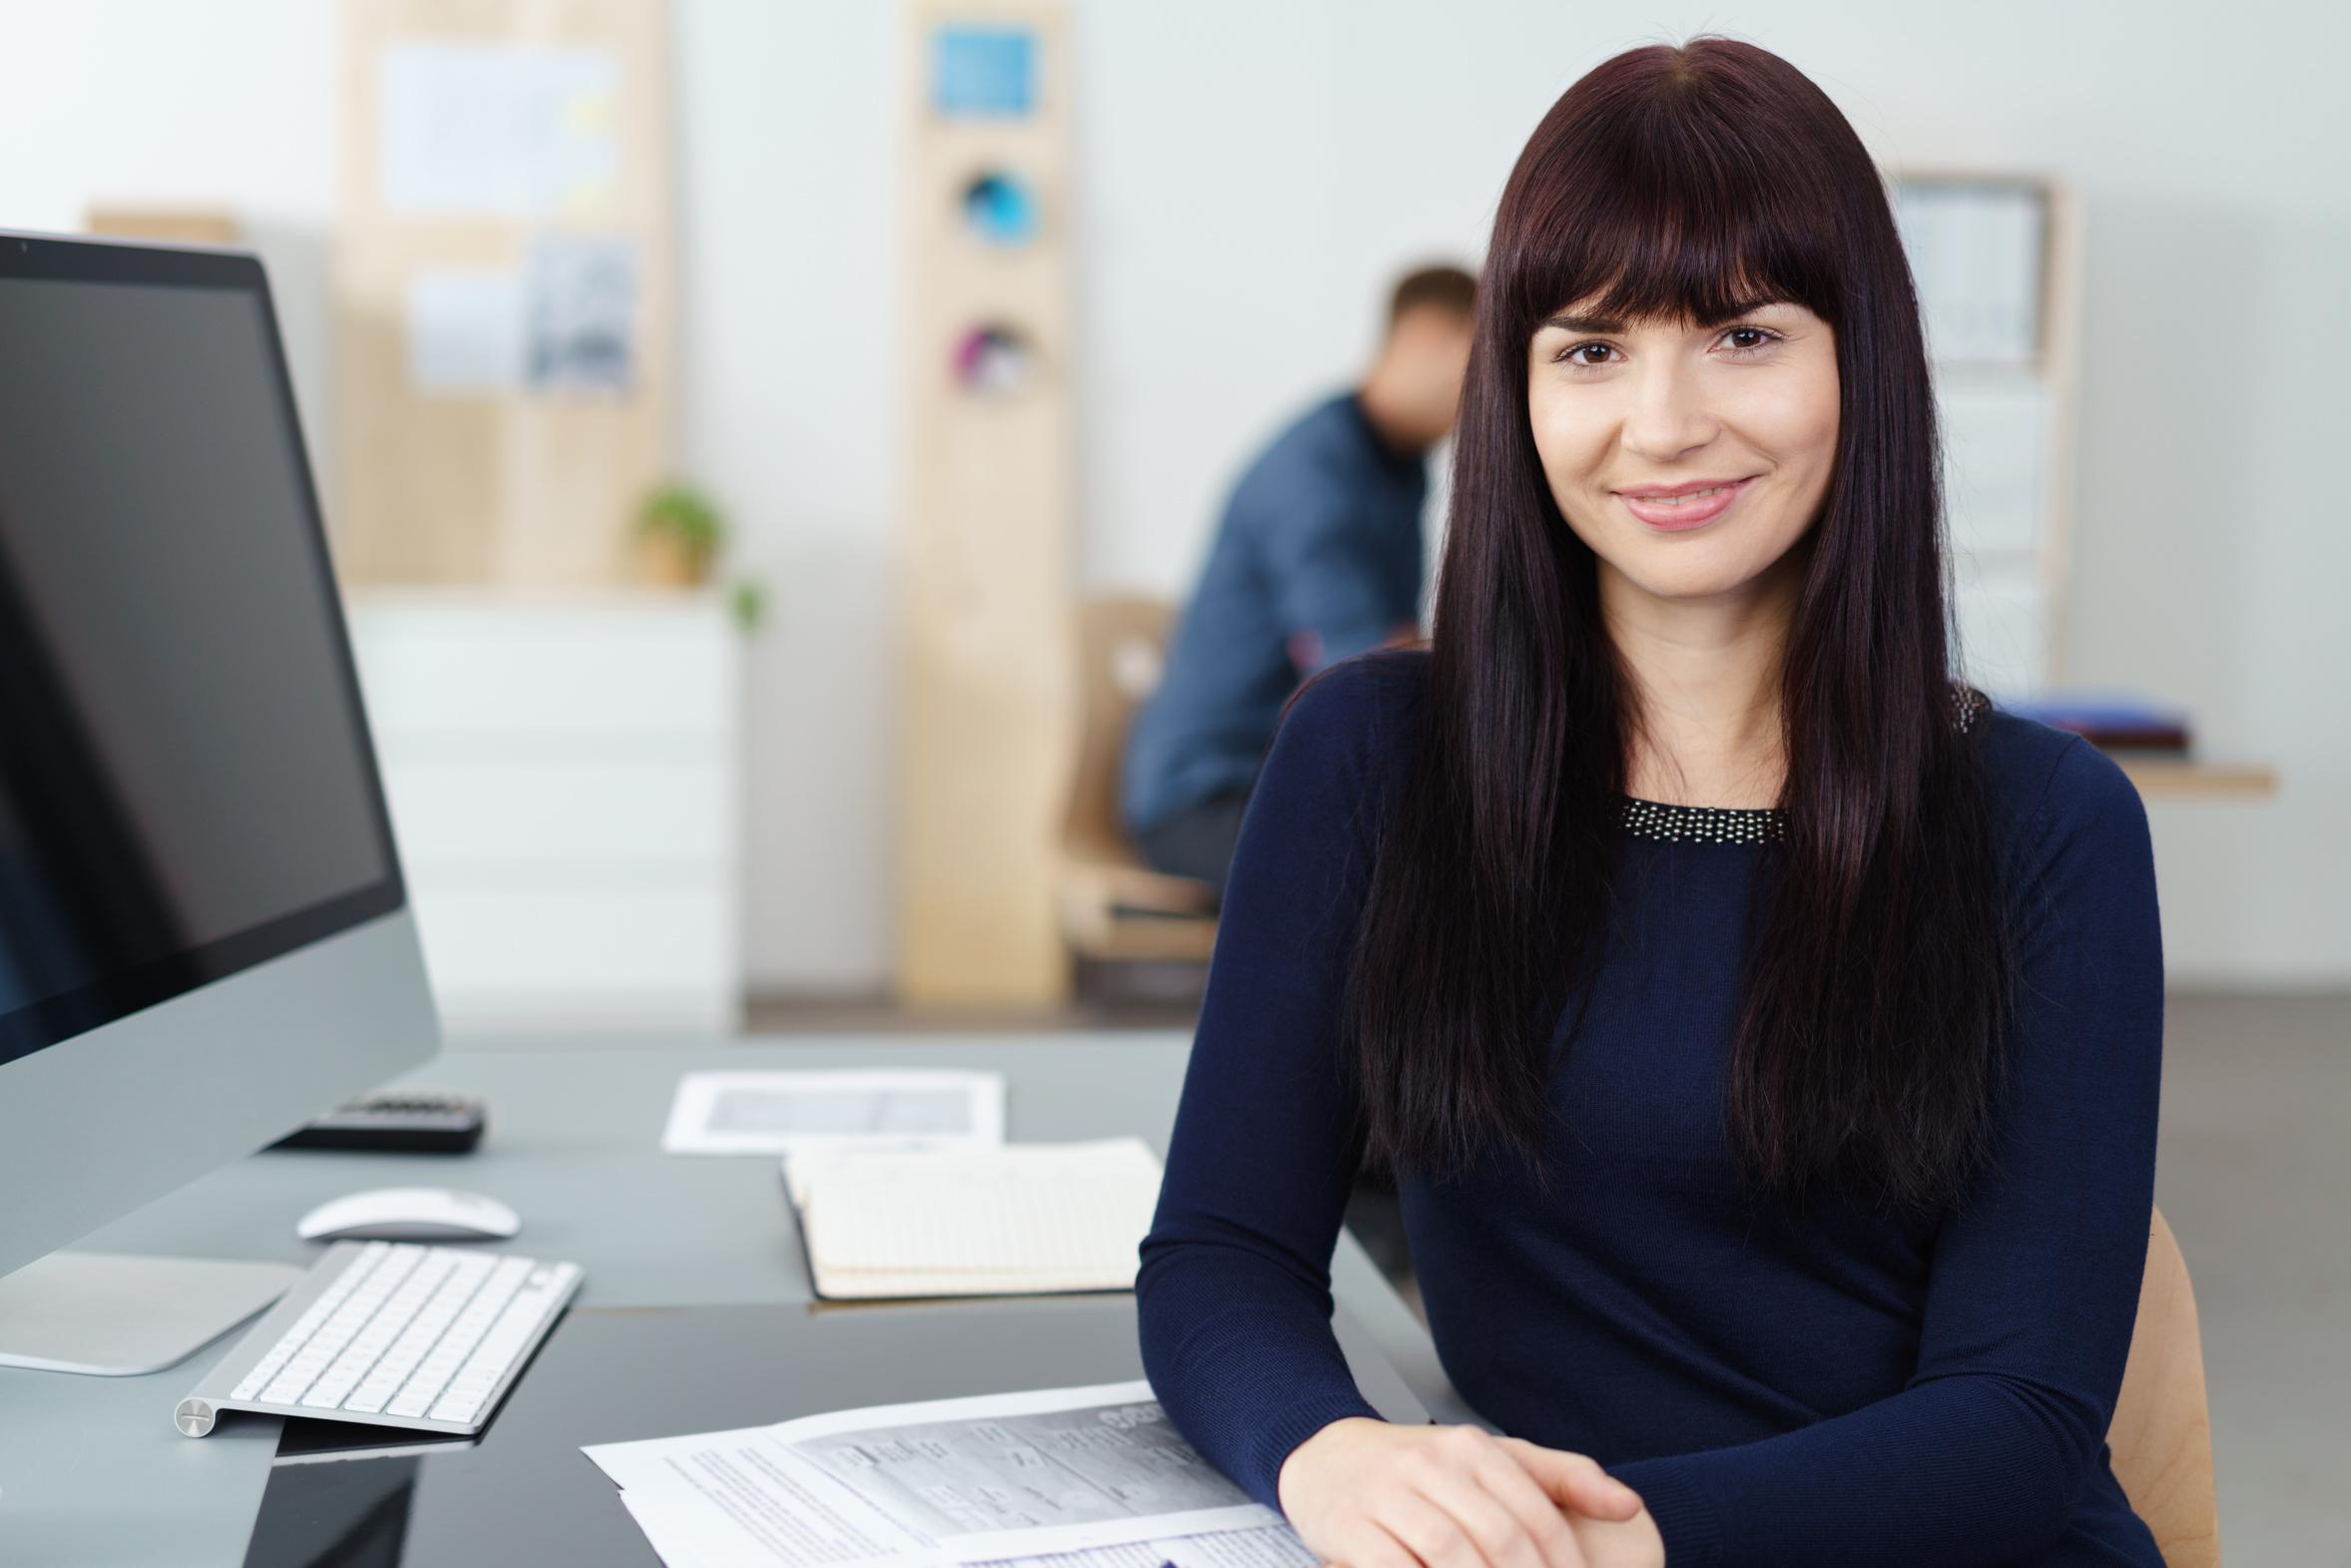 freundliche mitarbeiterin arbeitet im büro am pc